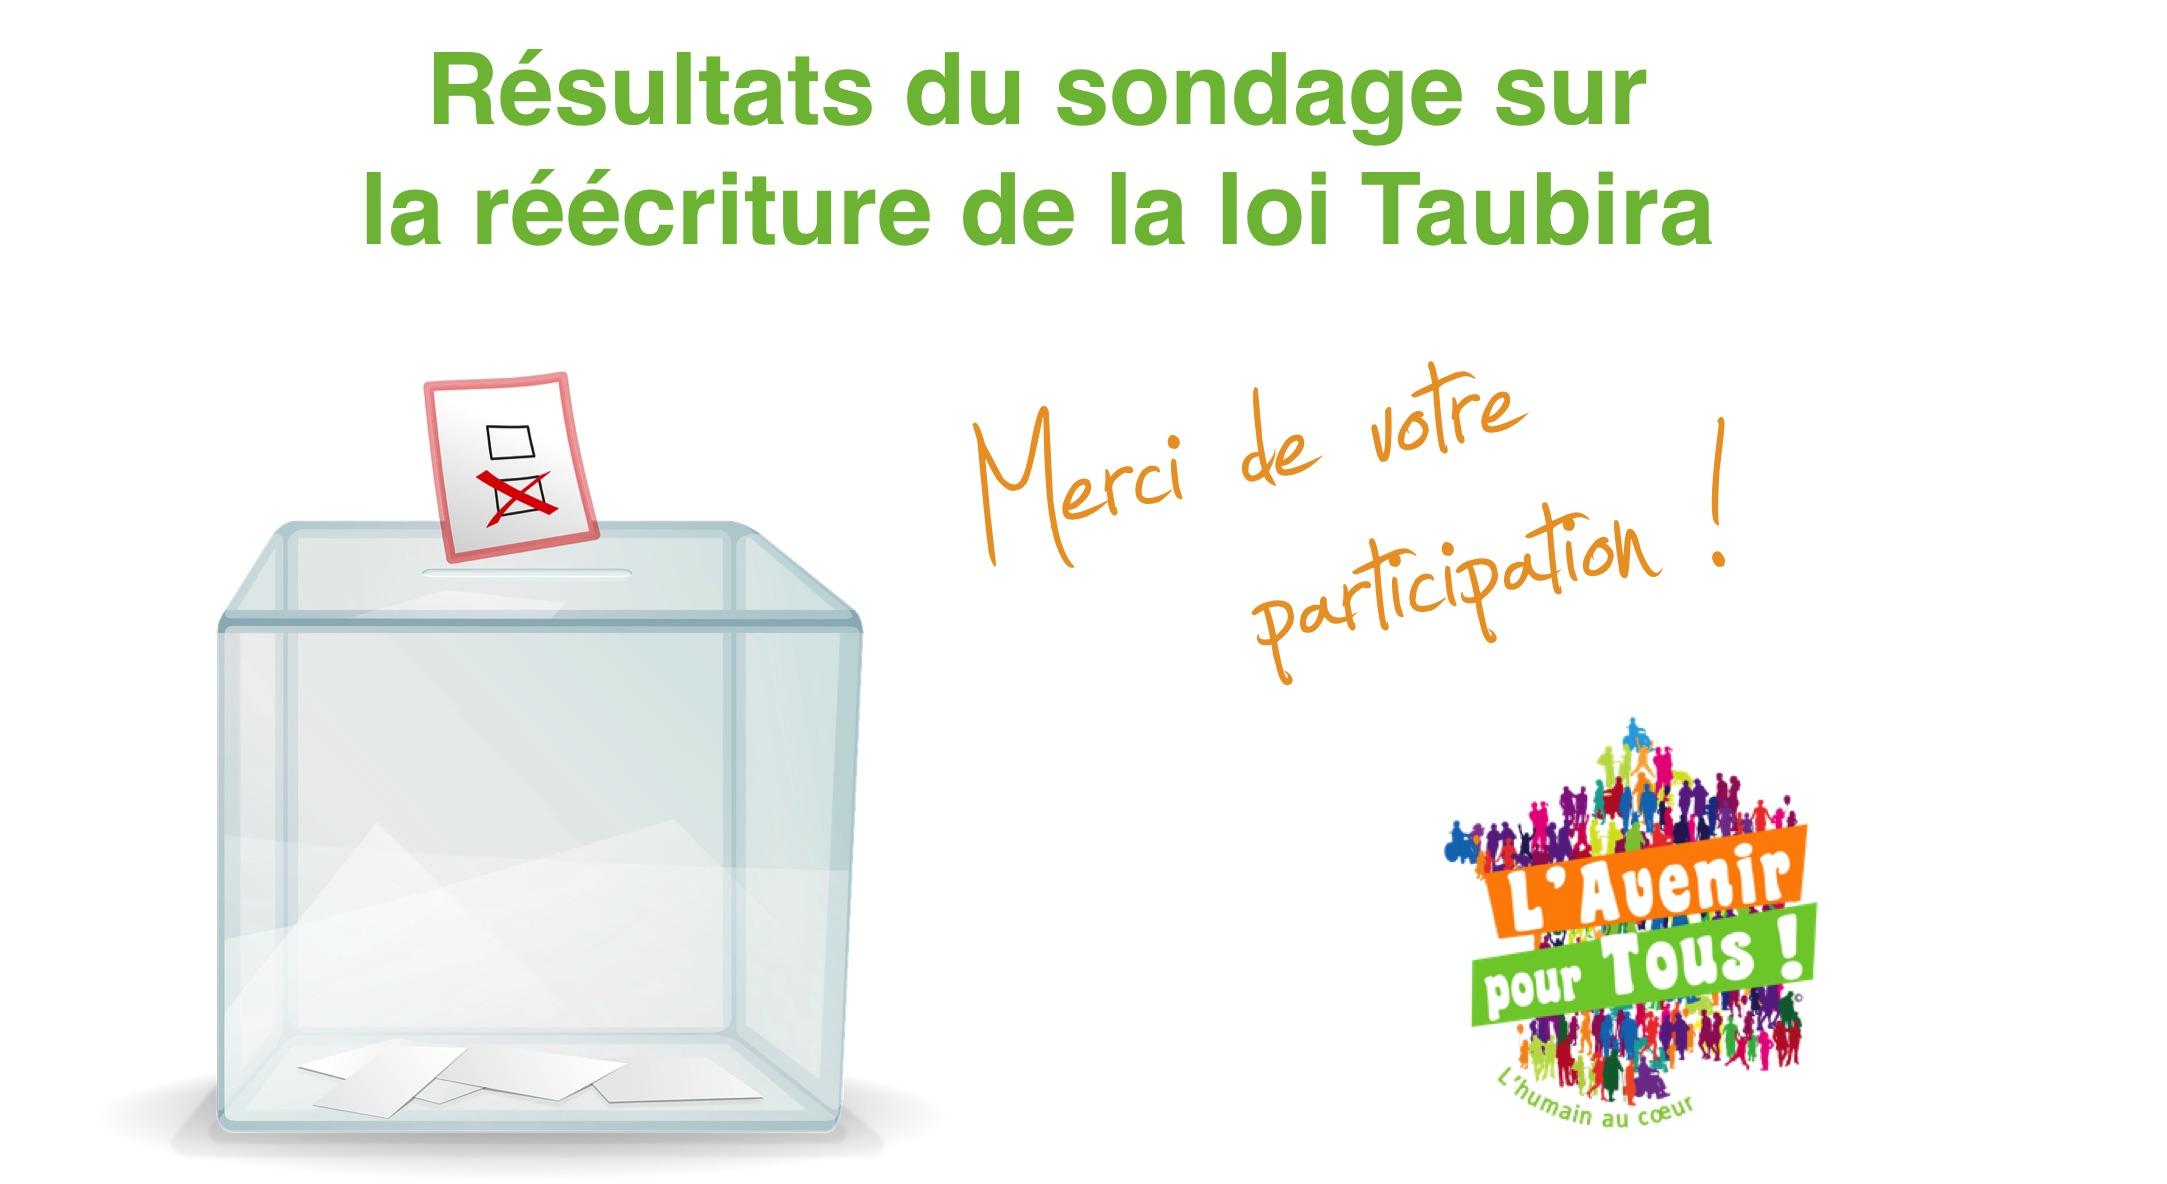 Sondage sur la réécriture de la loi Taubira : des résultats édifiants !